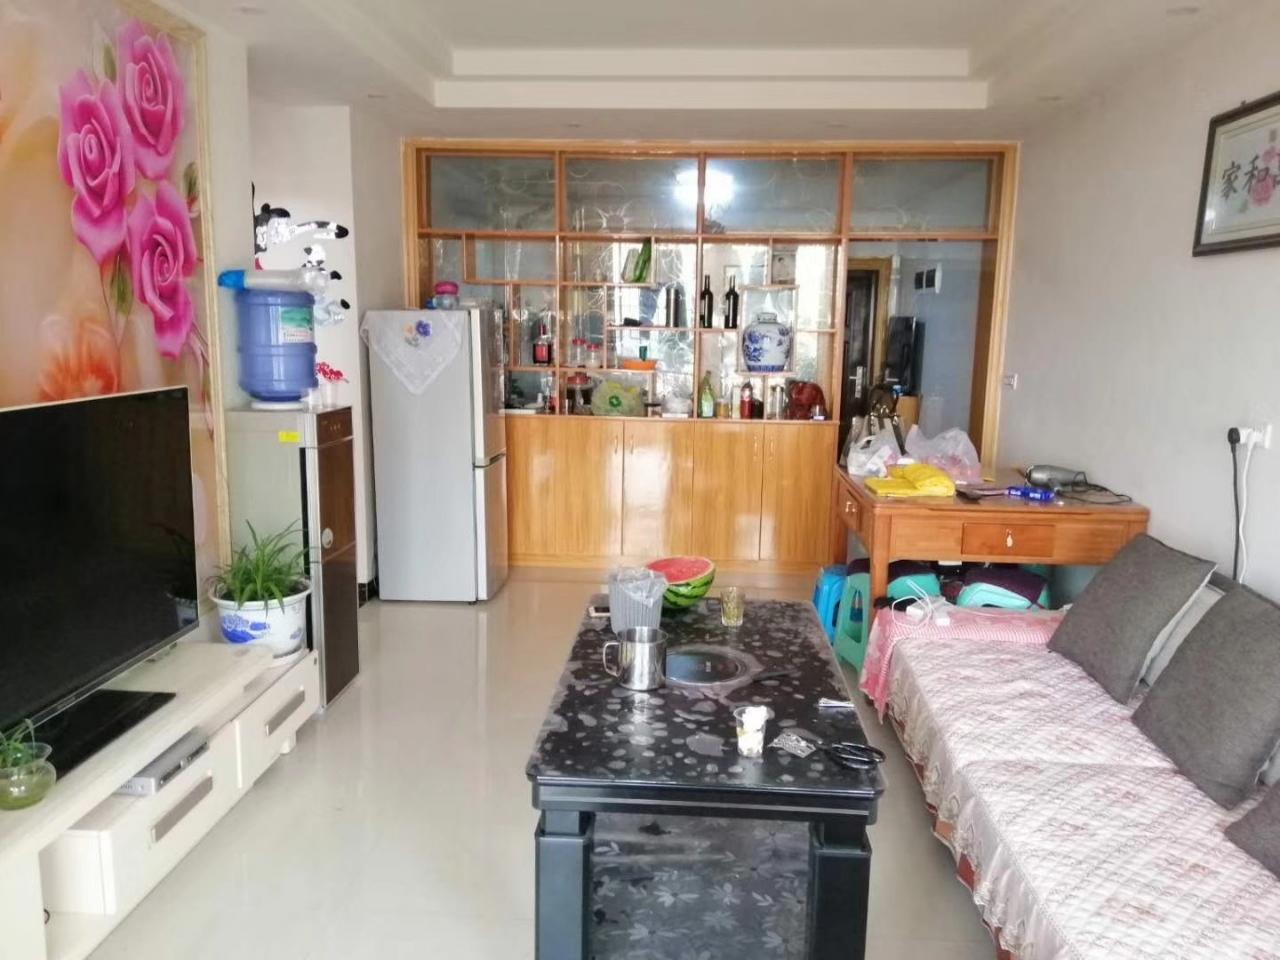 和美阳光住宅小区3室 1厅 1卫32.8万元